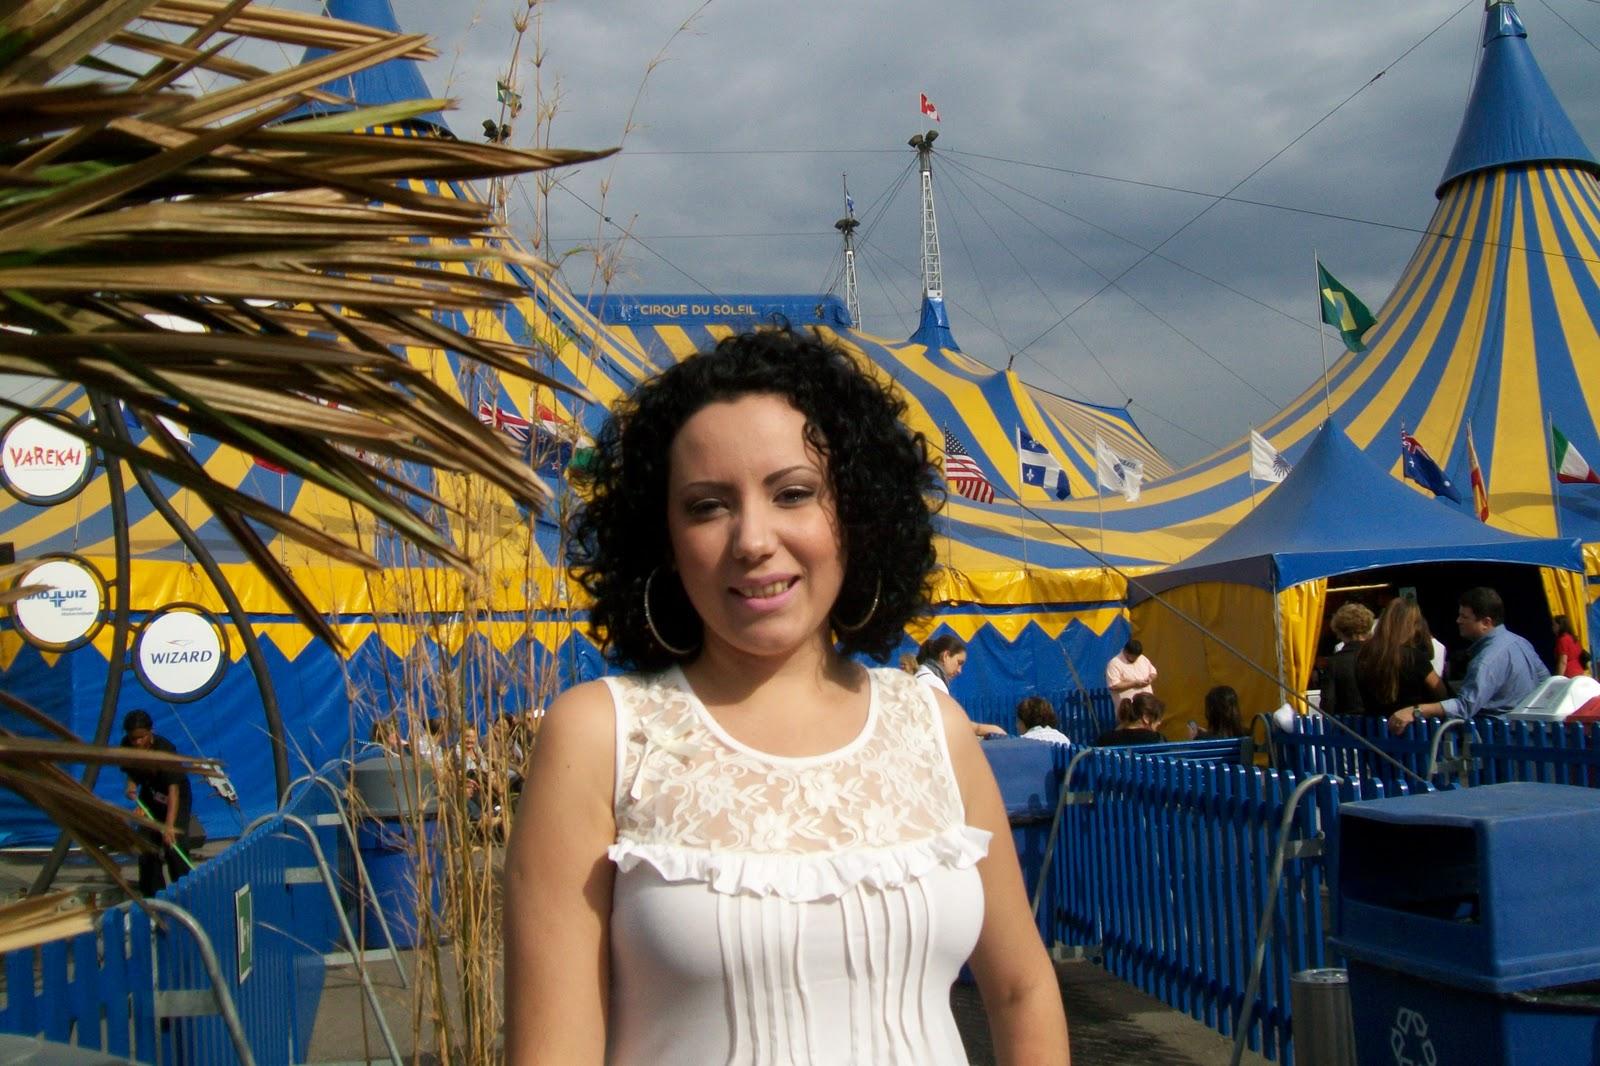 #144072 Cirque du Soleil – Varekai Blog de Marianne Rabelo 1600x1066 px tapete de banheiro em frances